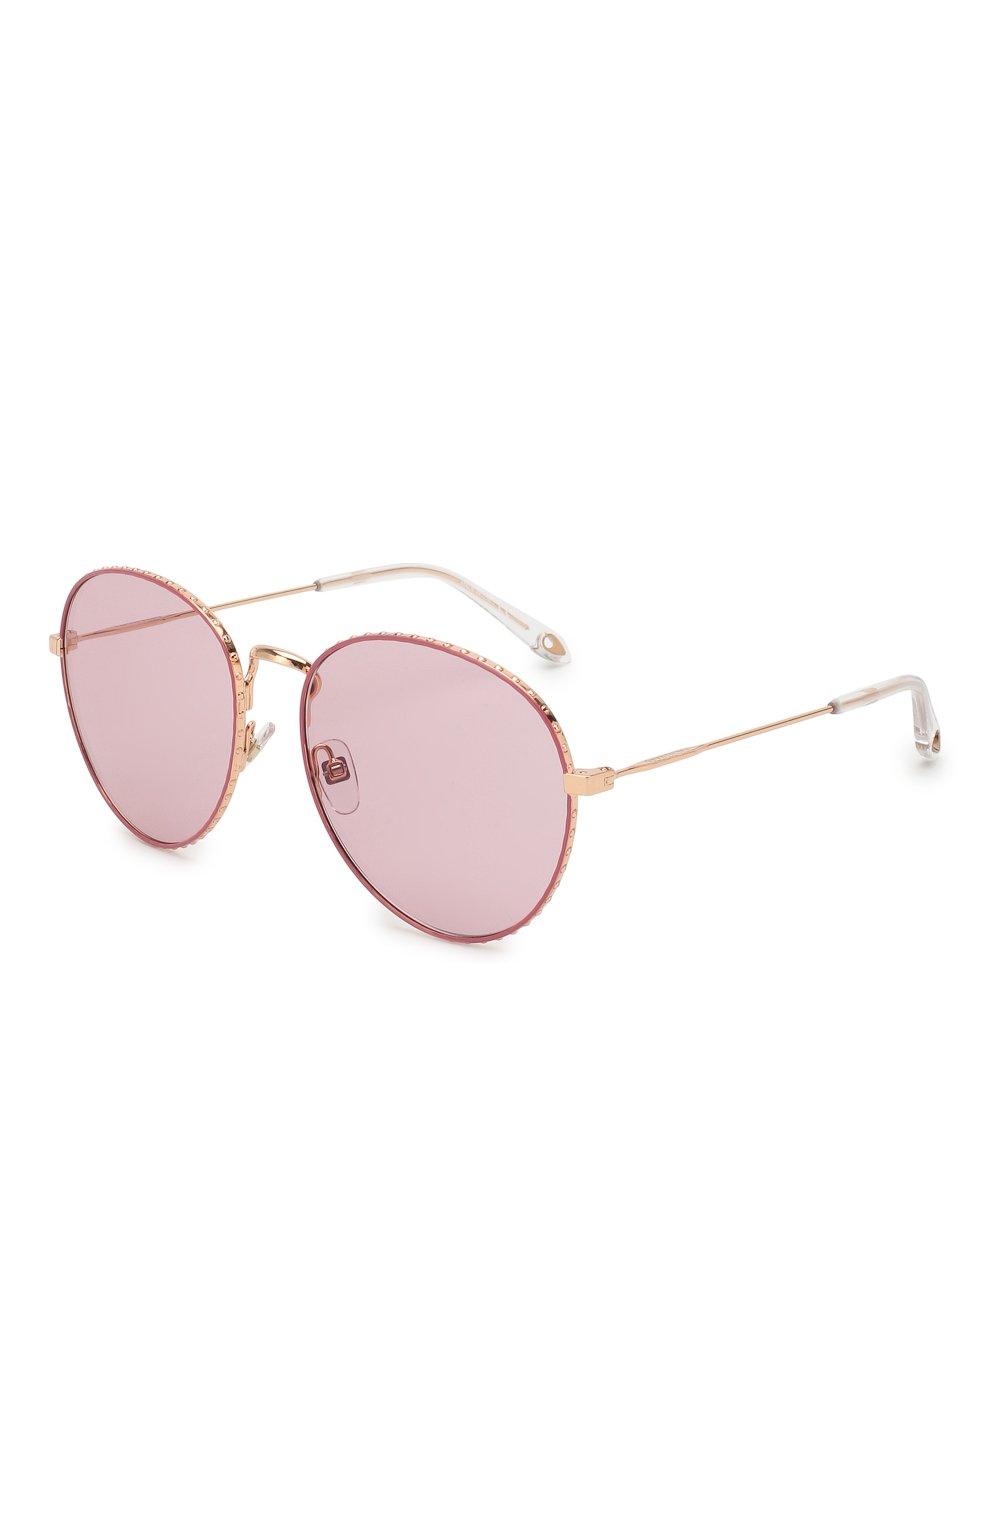 Женские солнцезащитные очки GIVENCHY розового цвета, арт. 7089 EYR | Фото 1